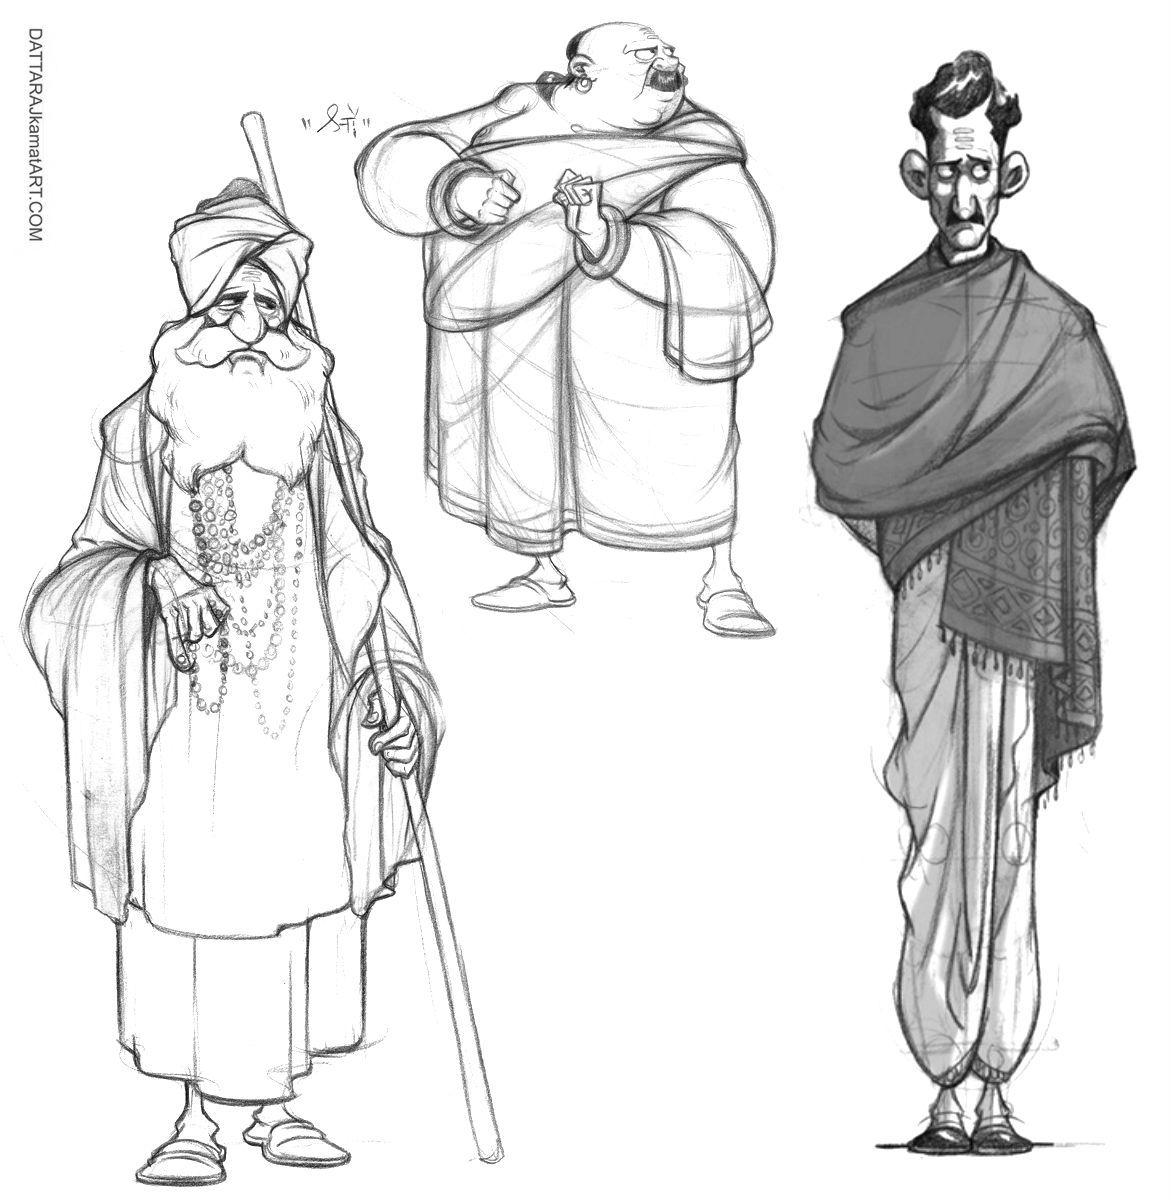 Art by Dattaraj Kamat* • Blog/Website (www